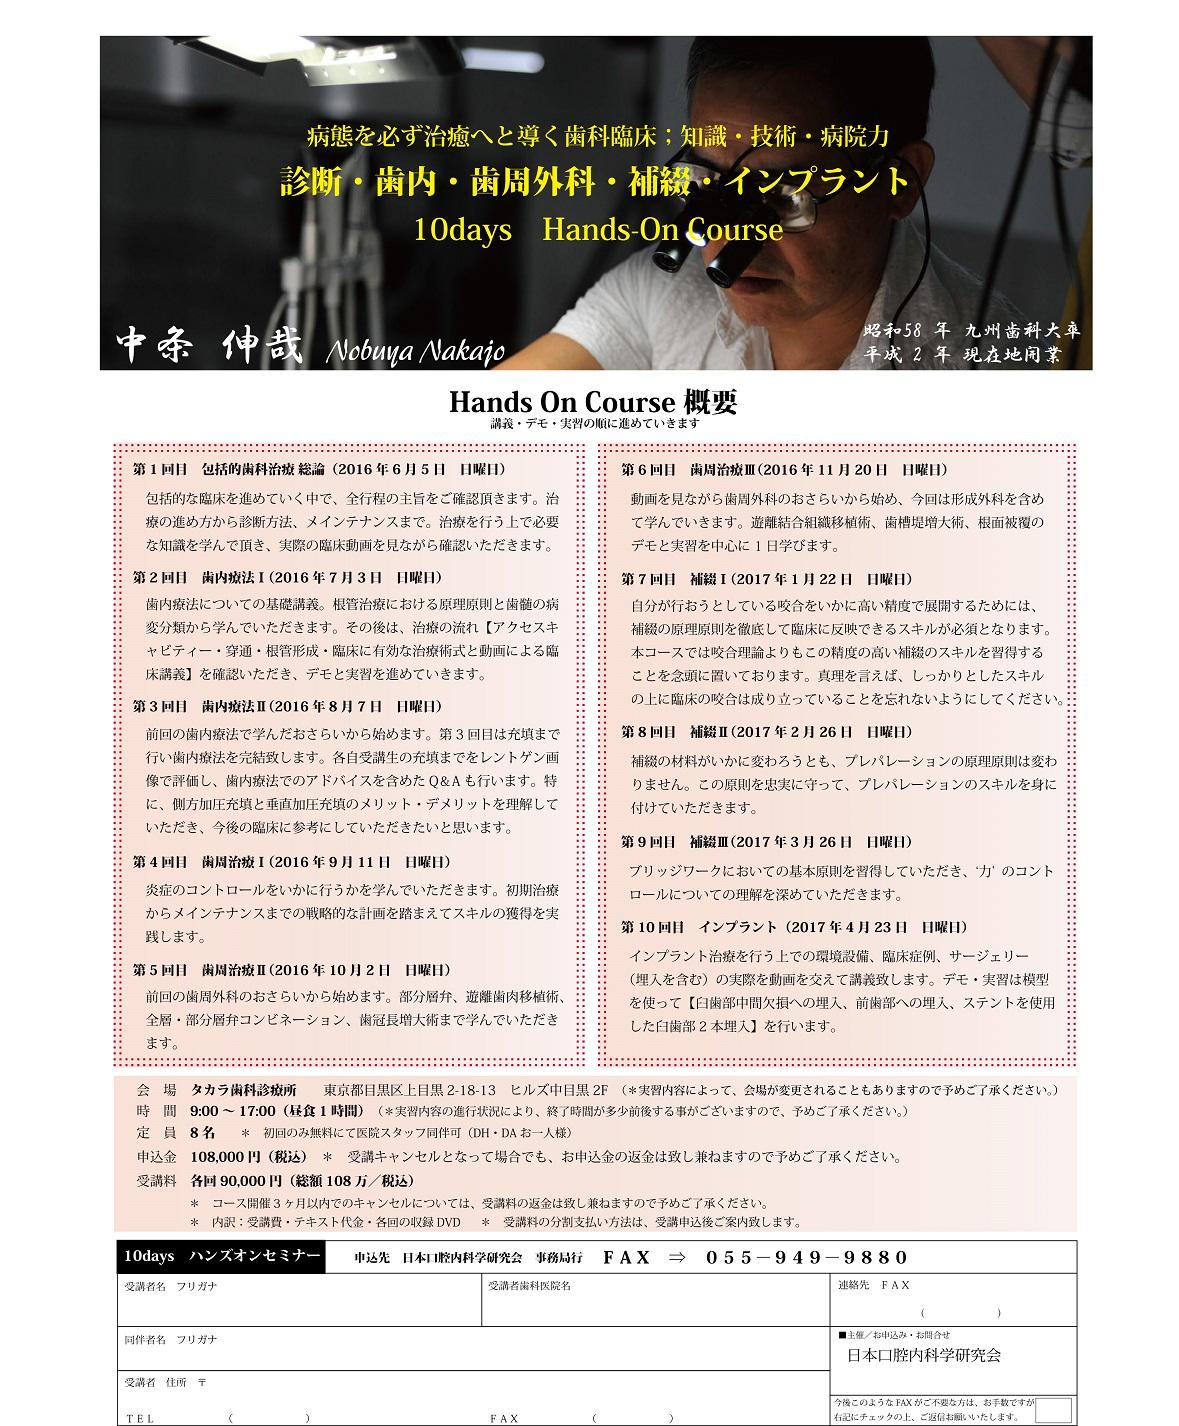 中条先生 10days ハンズオンセミナー